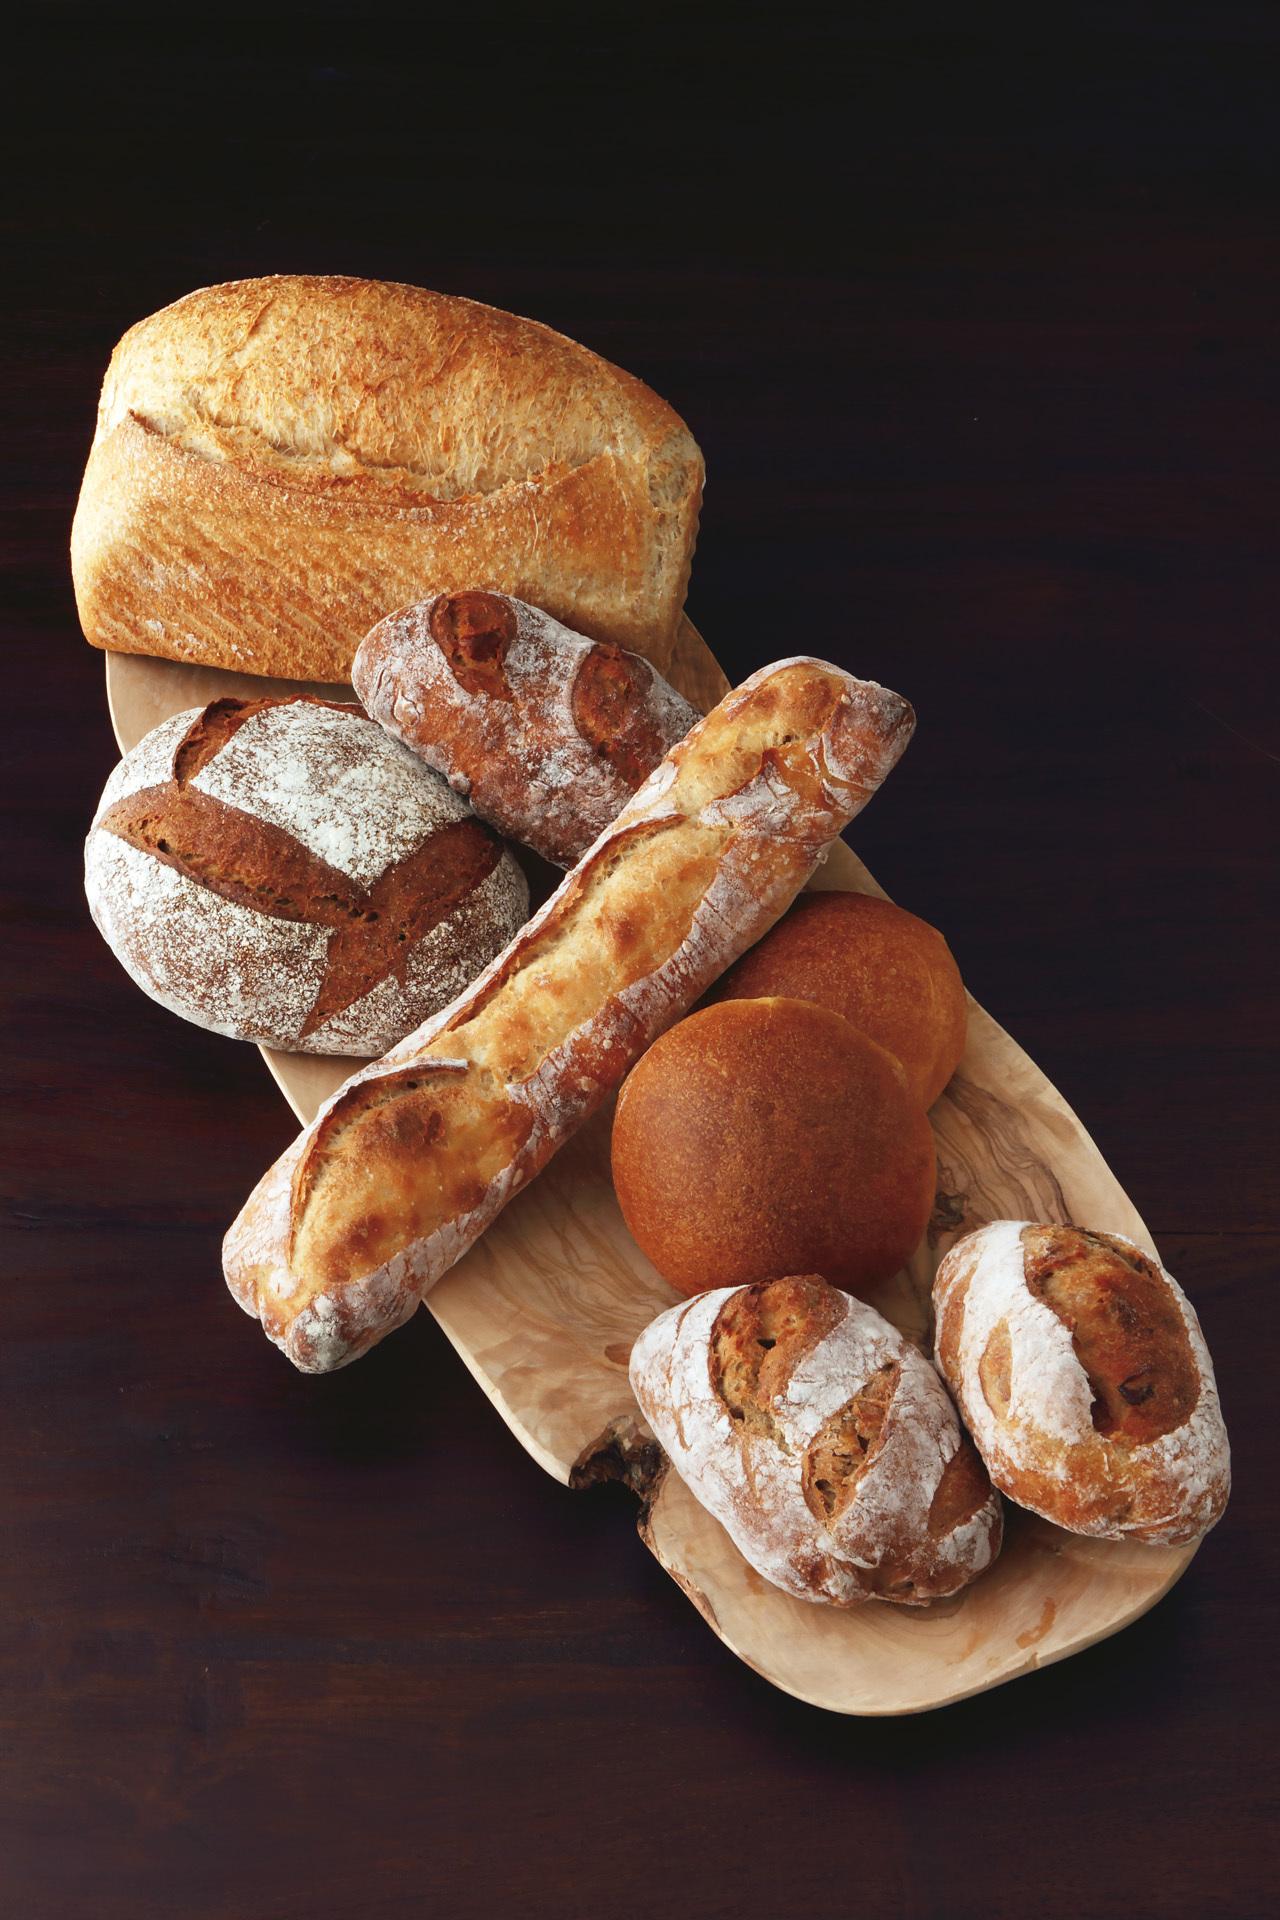 手みやげのプロに評判の、パン・焼き菓子・ショコラの手みやげ五選_1_1